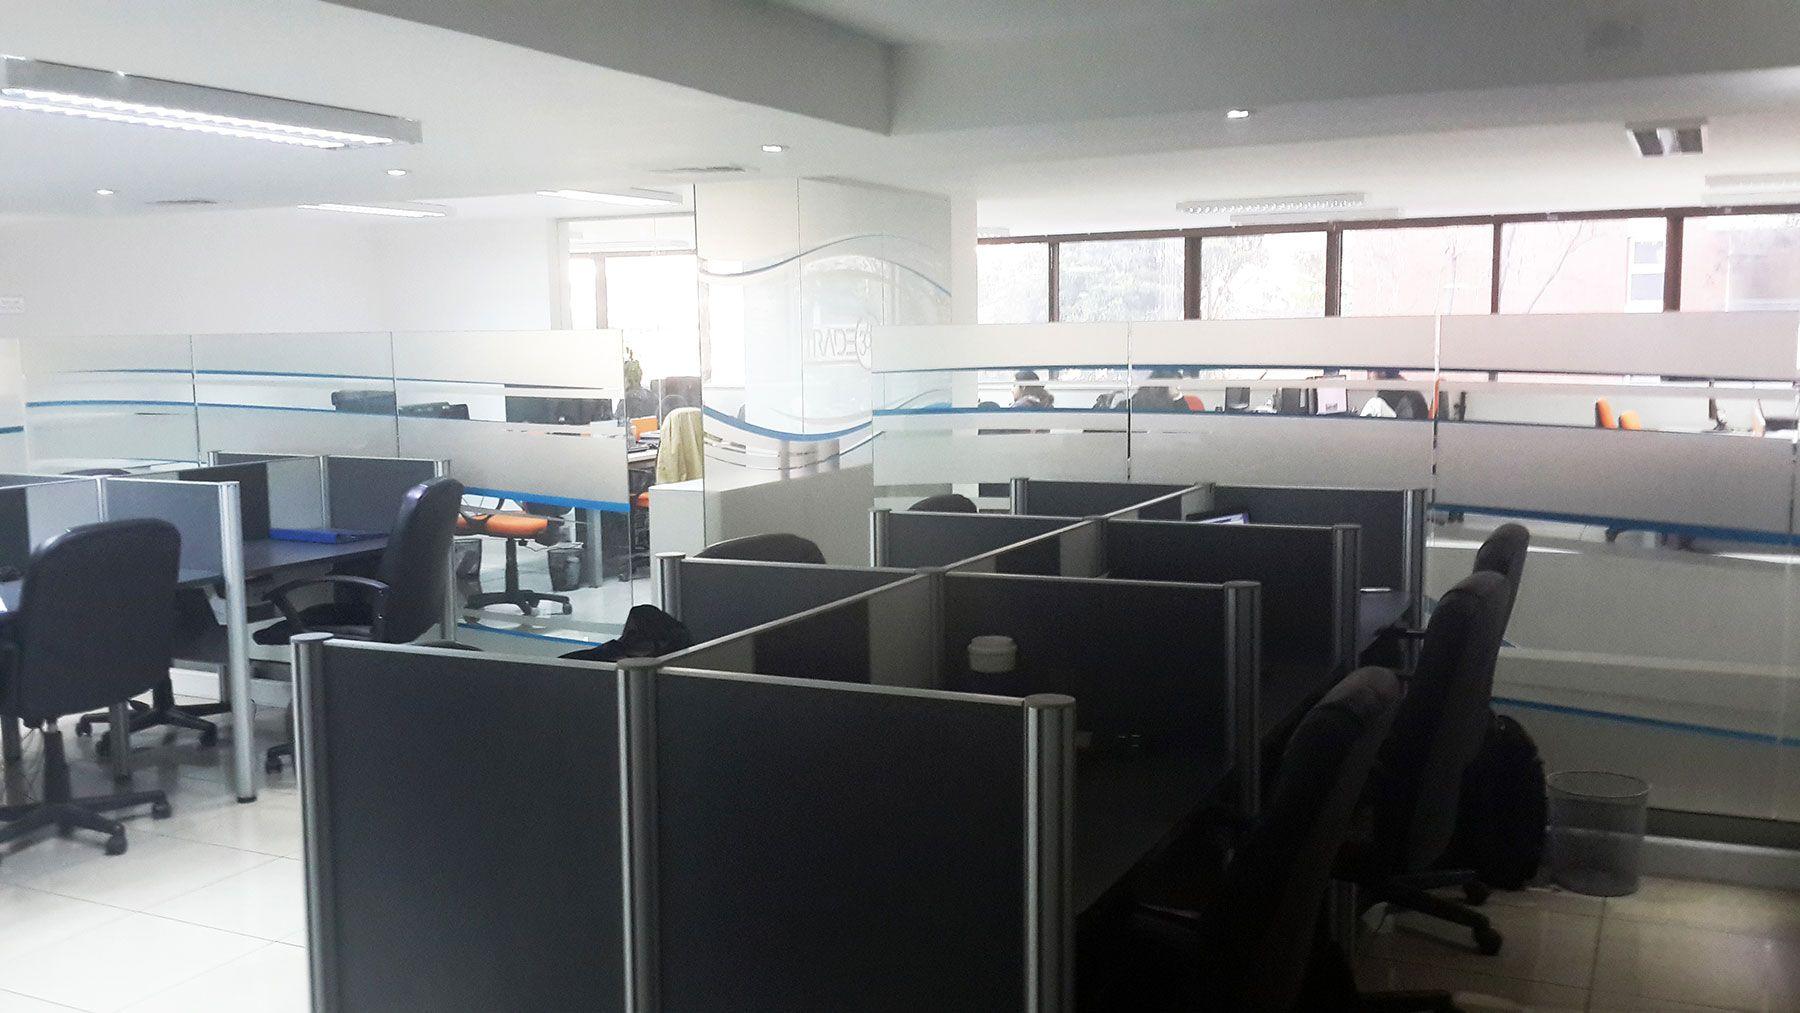 Estaciones de trabajo individual